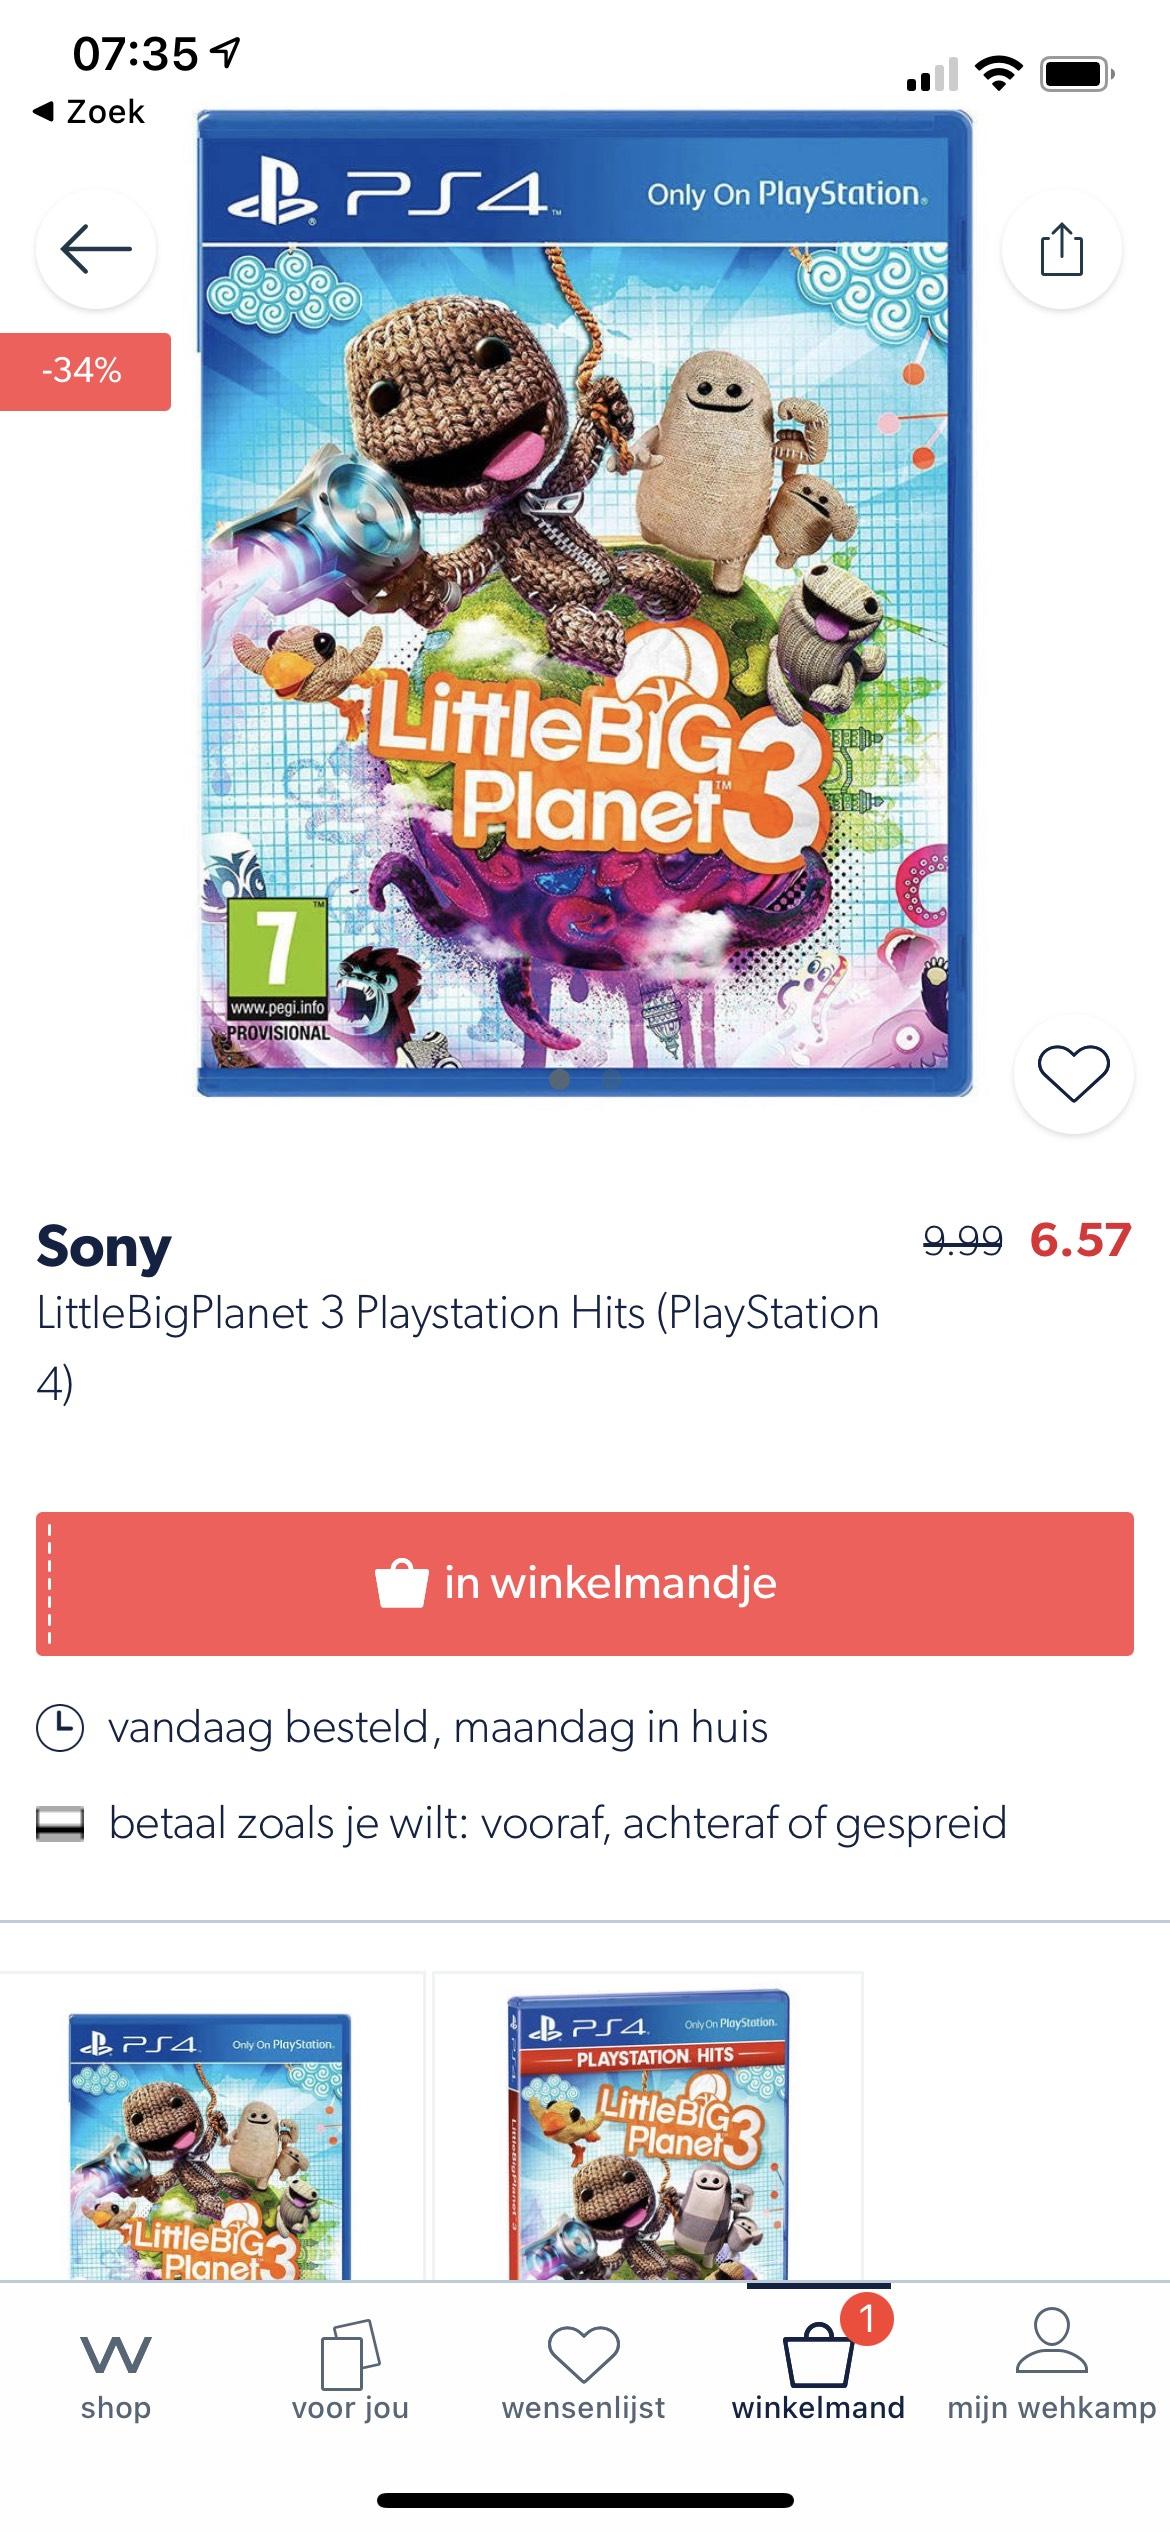 LittleBigPlanet 3 voor Playstation 4